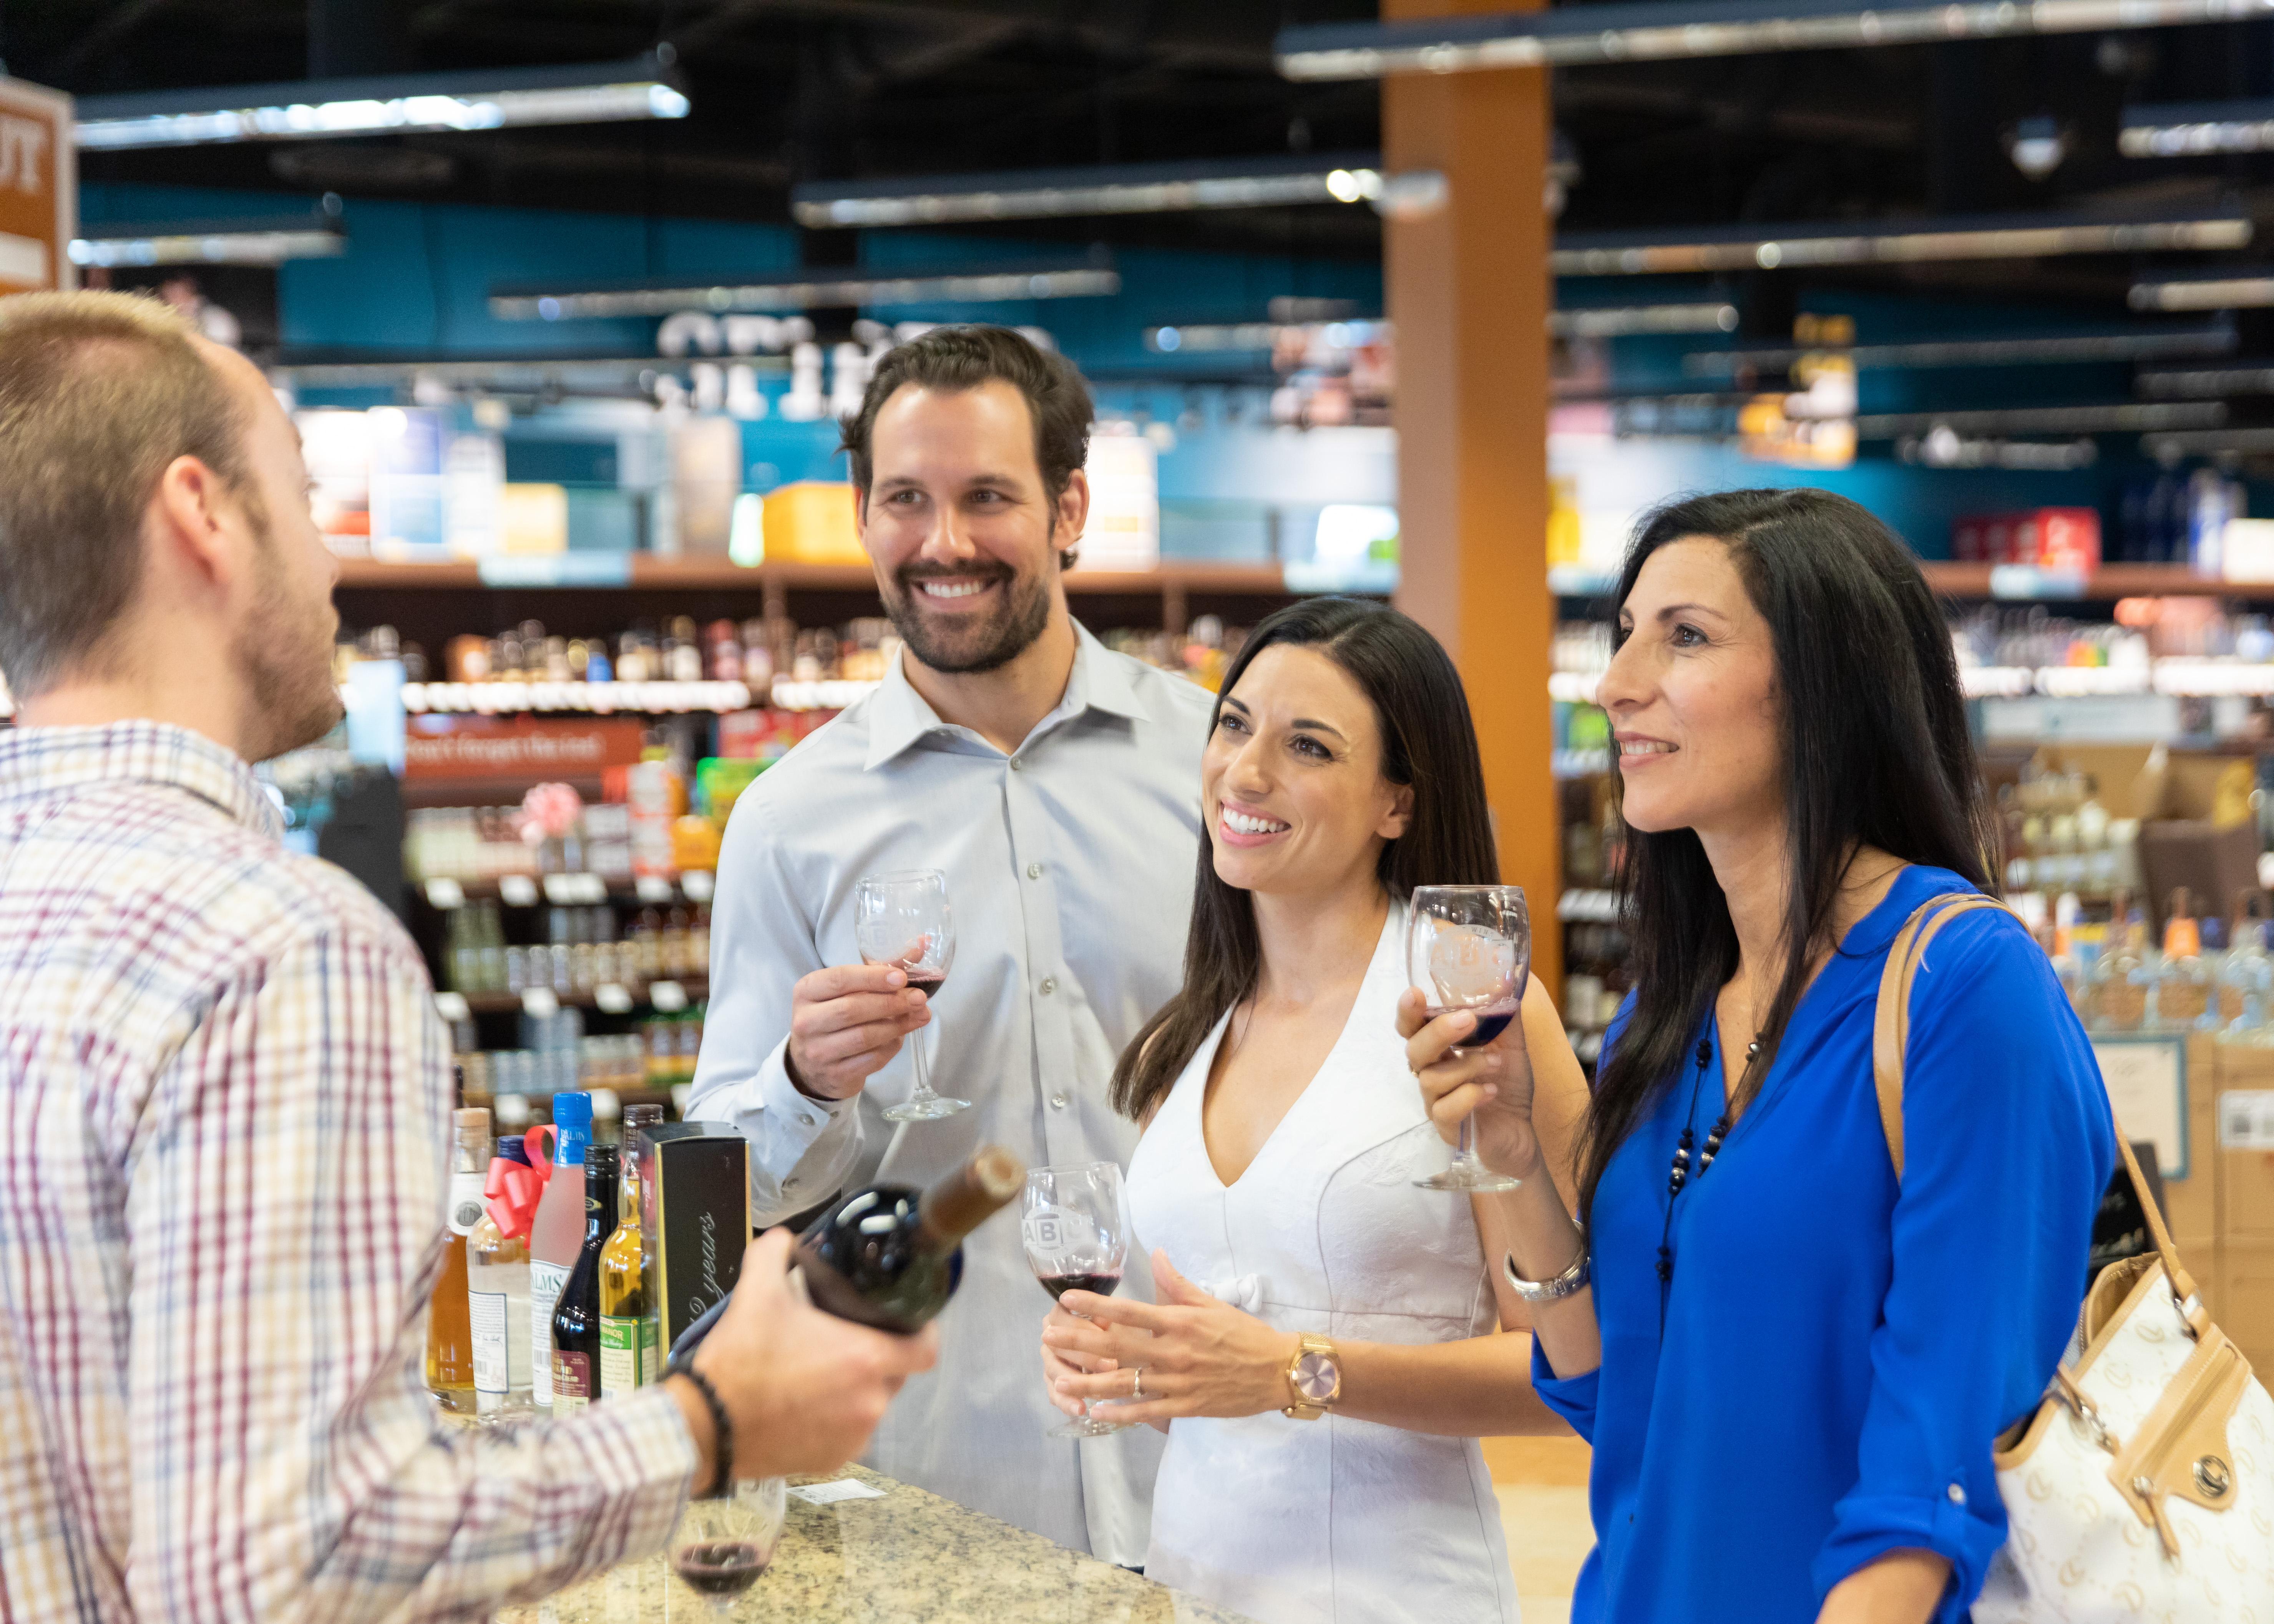 Winter Park Premium Wine Tasting